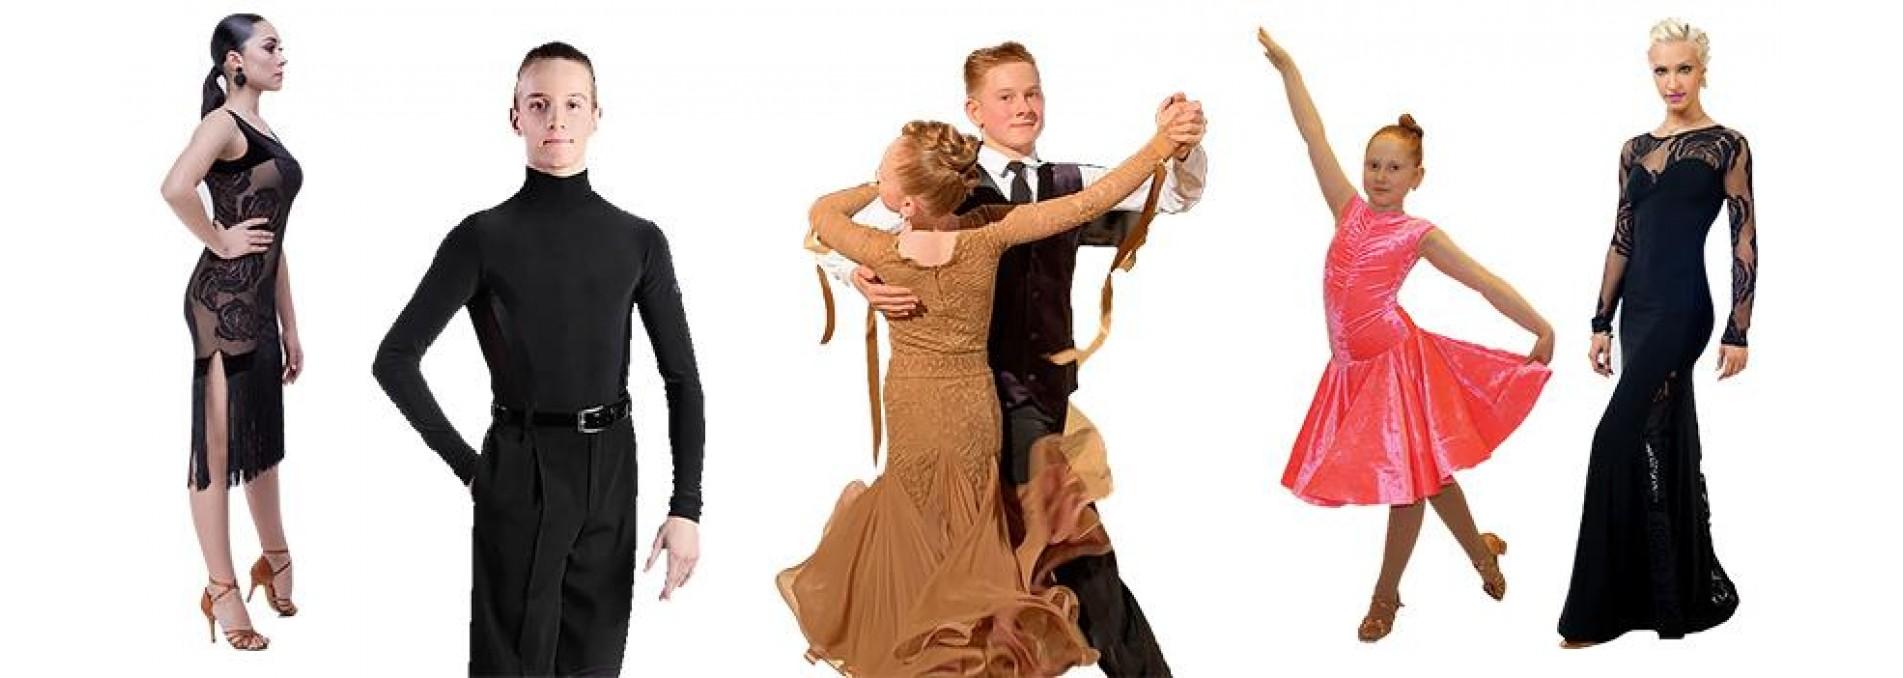 Great Ballroom and Latin Dancewear Collection to Toronto